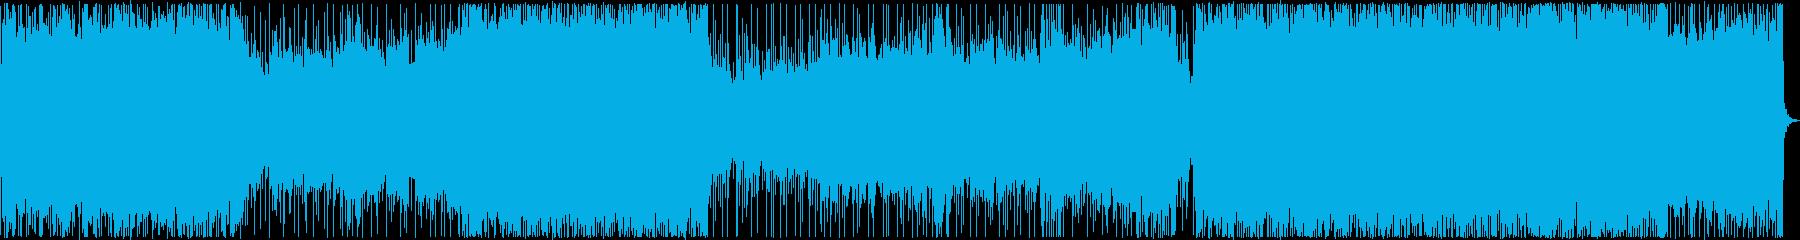 イベント・映像ラストに盛り上がる曲の再生済みの波形